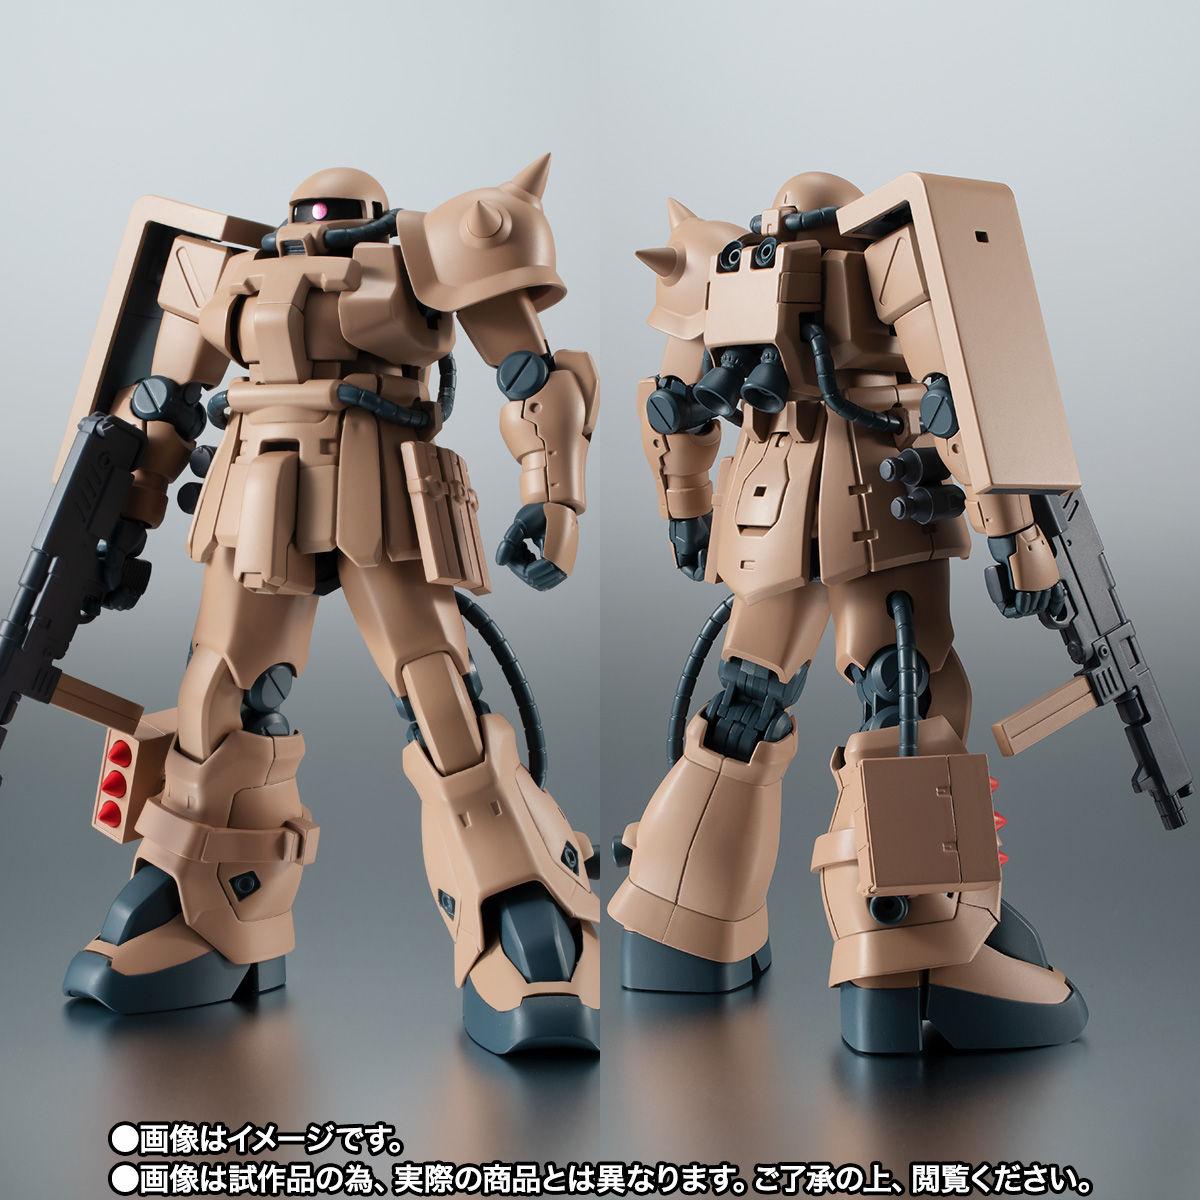 【限定販売】ROBOT魂〈SIDE MS〉『MS-06F-2 ザクII F2型 キンバライド基地仕様 ver. A.N.I.M.E.』ガンダム0083 可動フィギュア-003